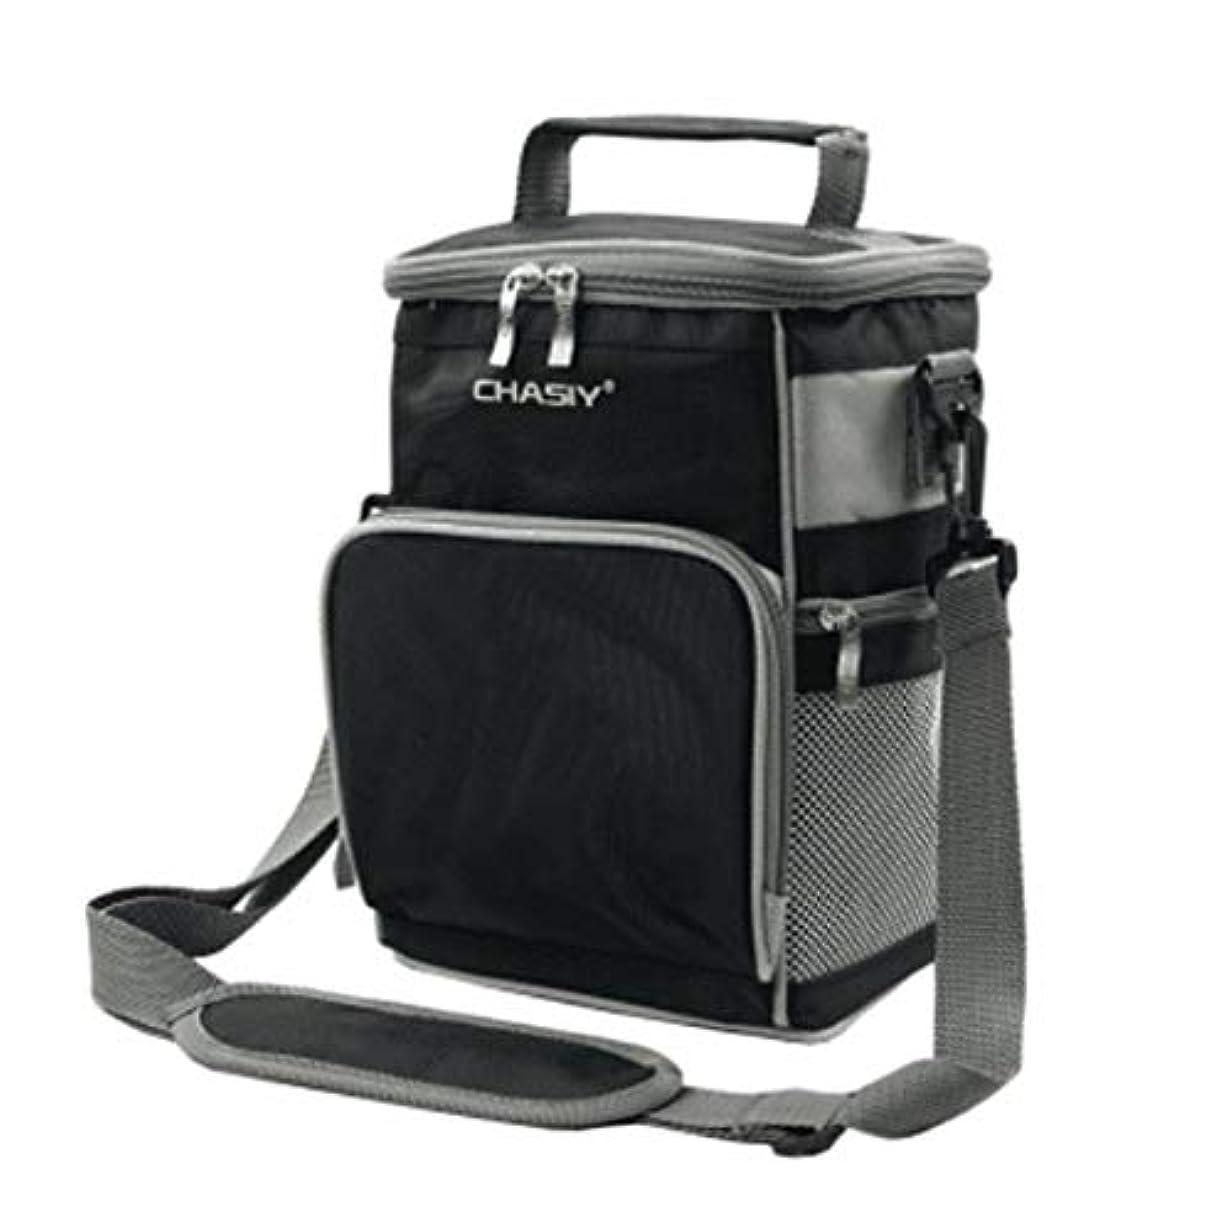 気まぐれな遠い例外冷却パッケージオックスフォード布手持ち米大断熱バレルバッグアルミ箔防水ランチバッグ (Color : Black)